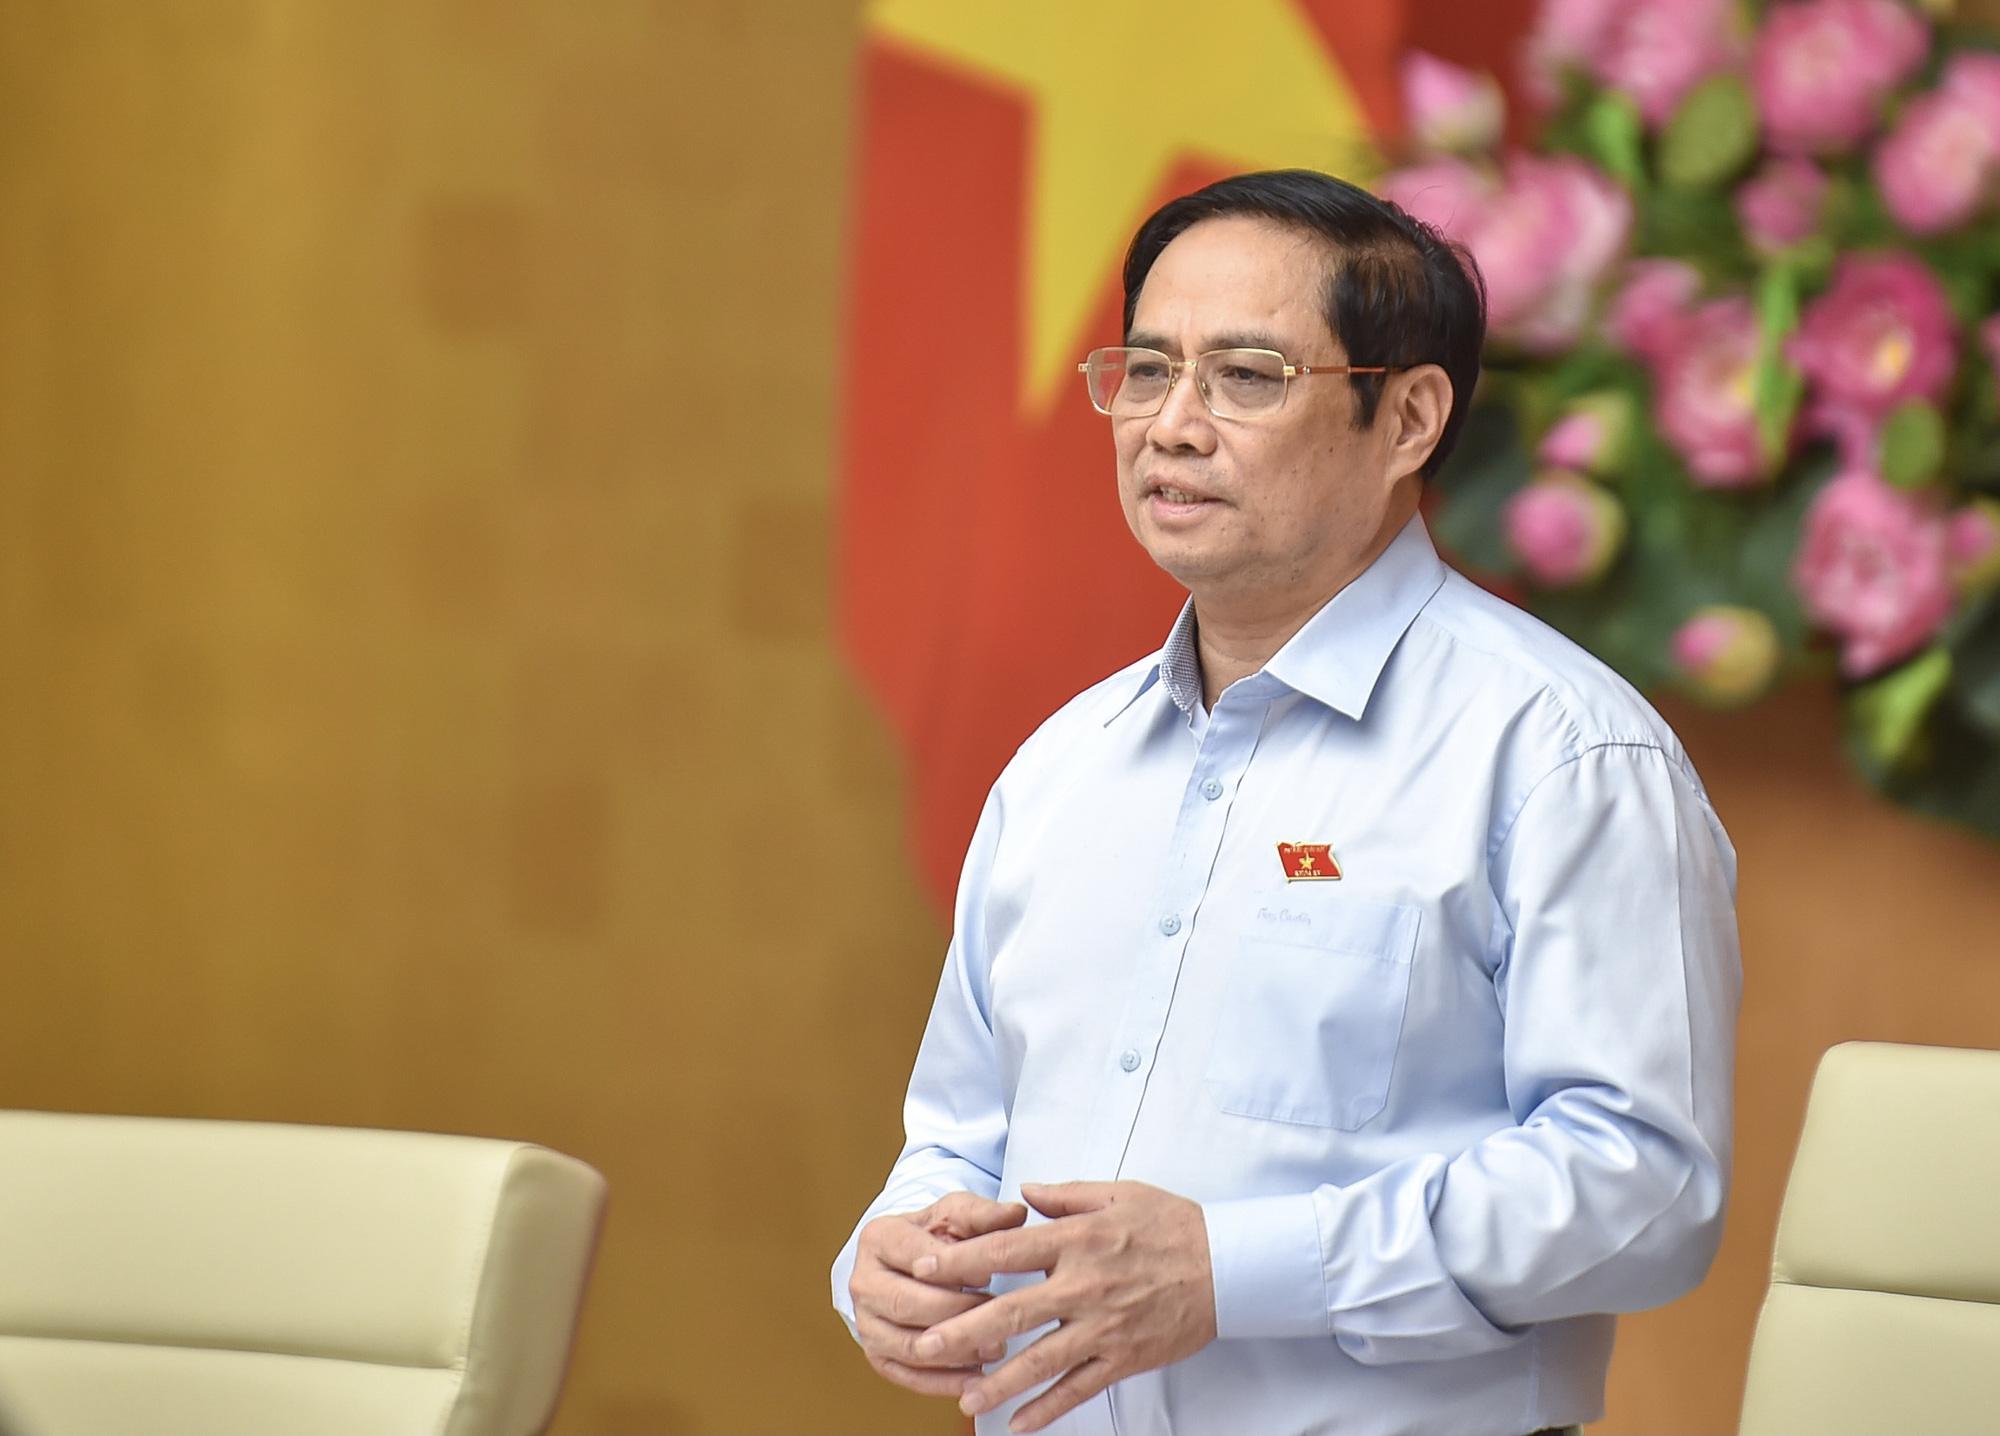 Thủ tướng: Giữ vững ổn định vĩ mô, đẩy mạnh giải ngân vốn đầu tư công từ nay đến cuối năm - Ảnh 1.